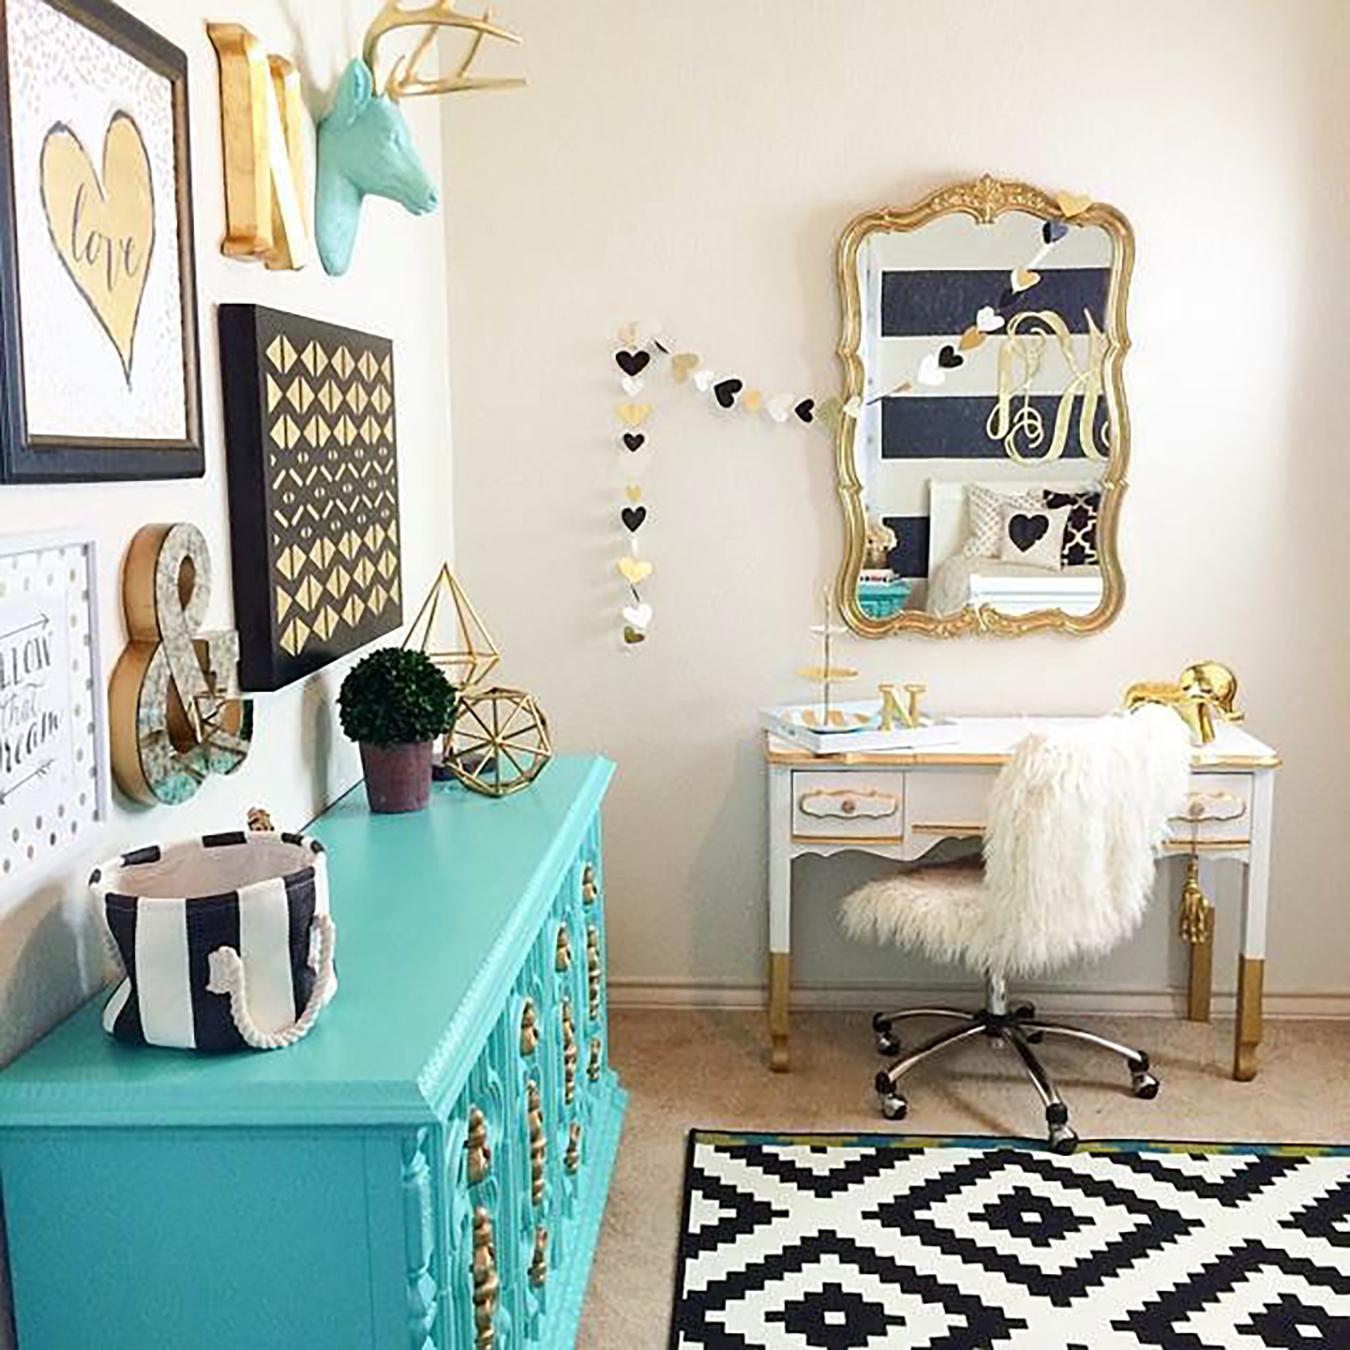 azul turquesa e dourado